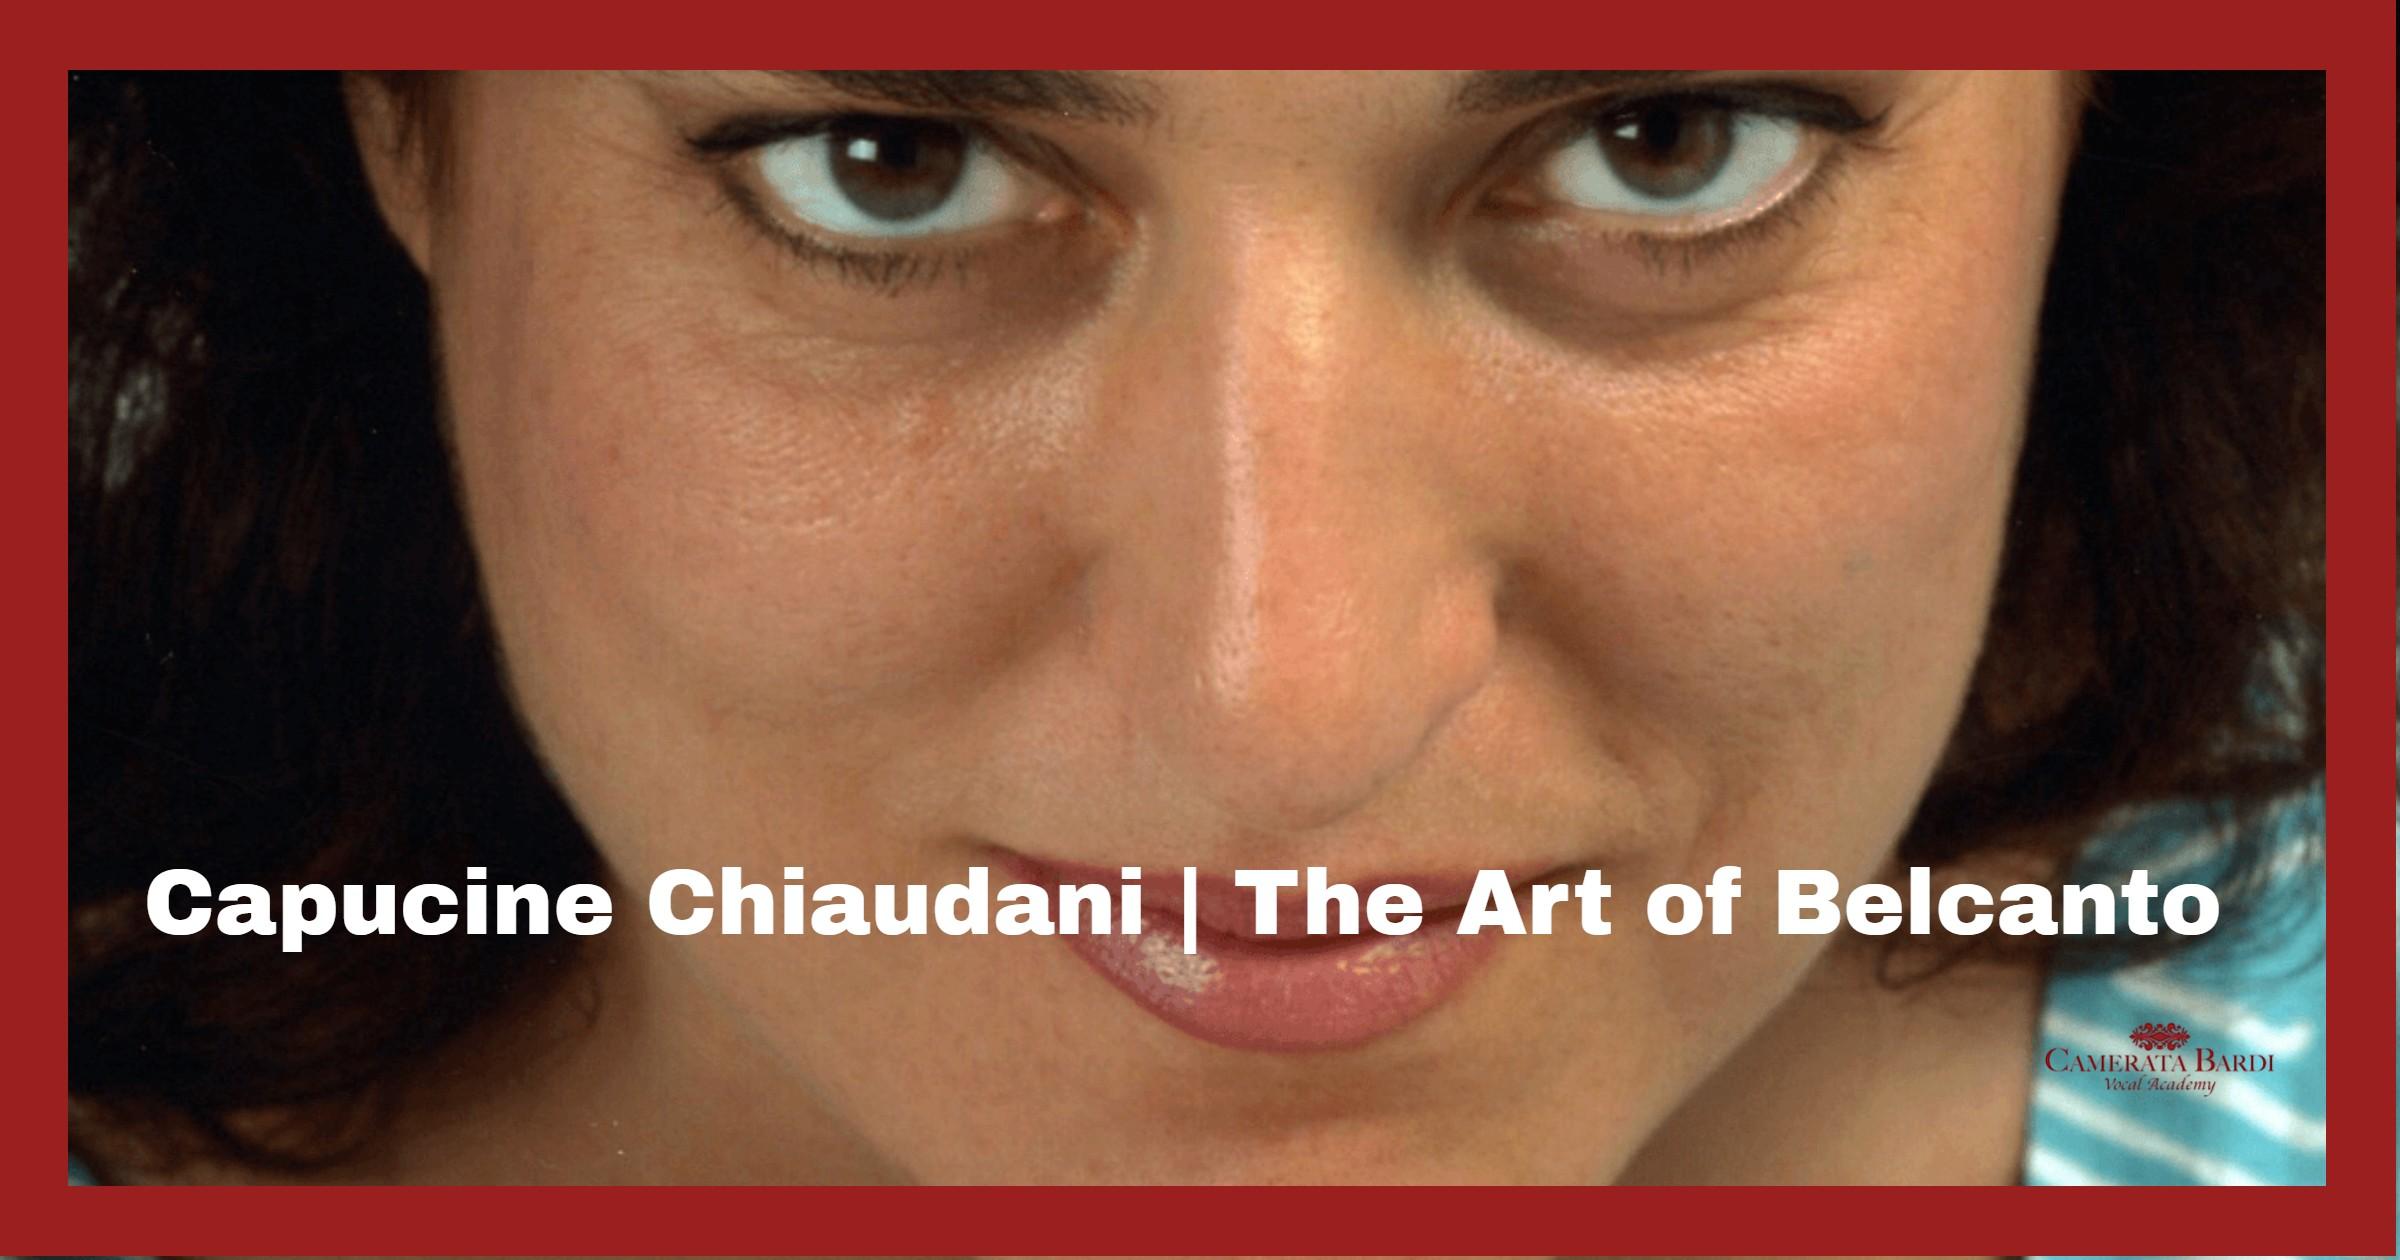 Capucine-Chiaudani